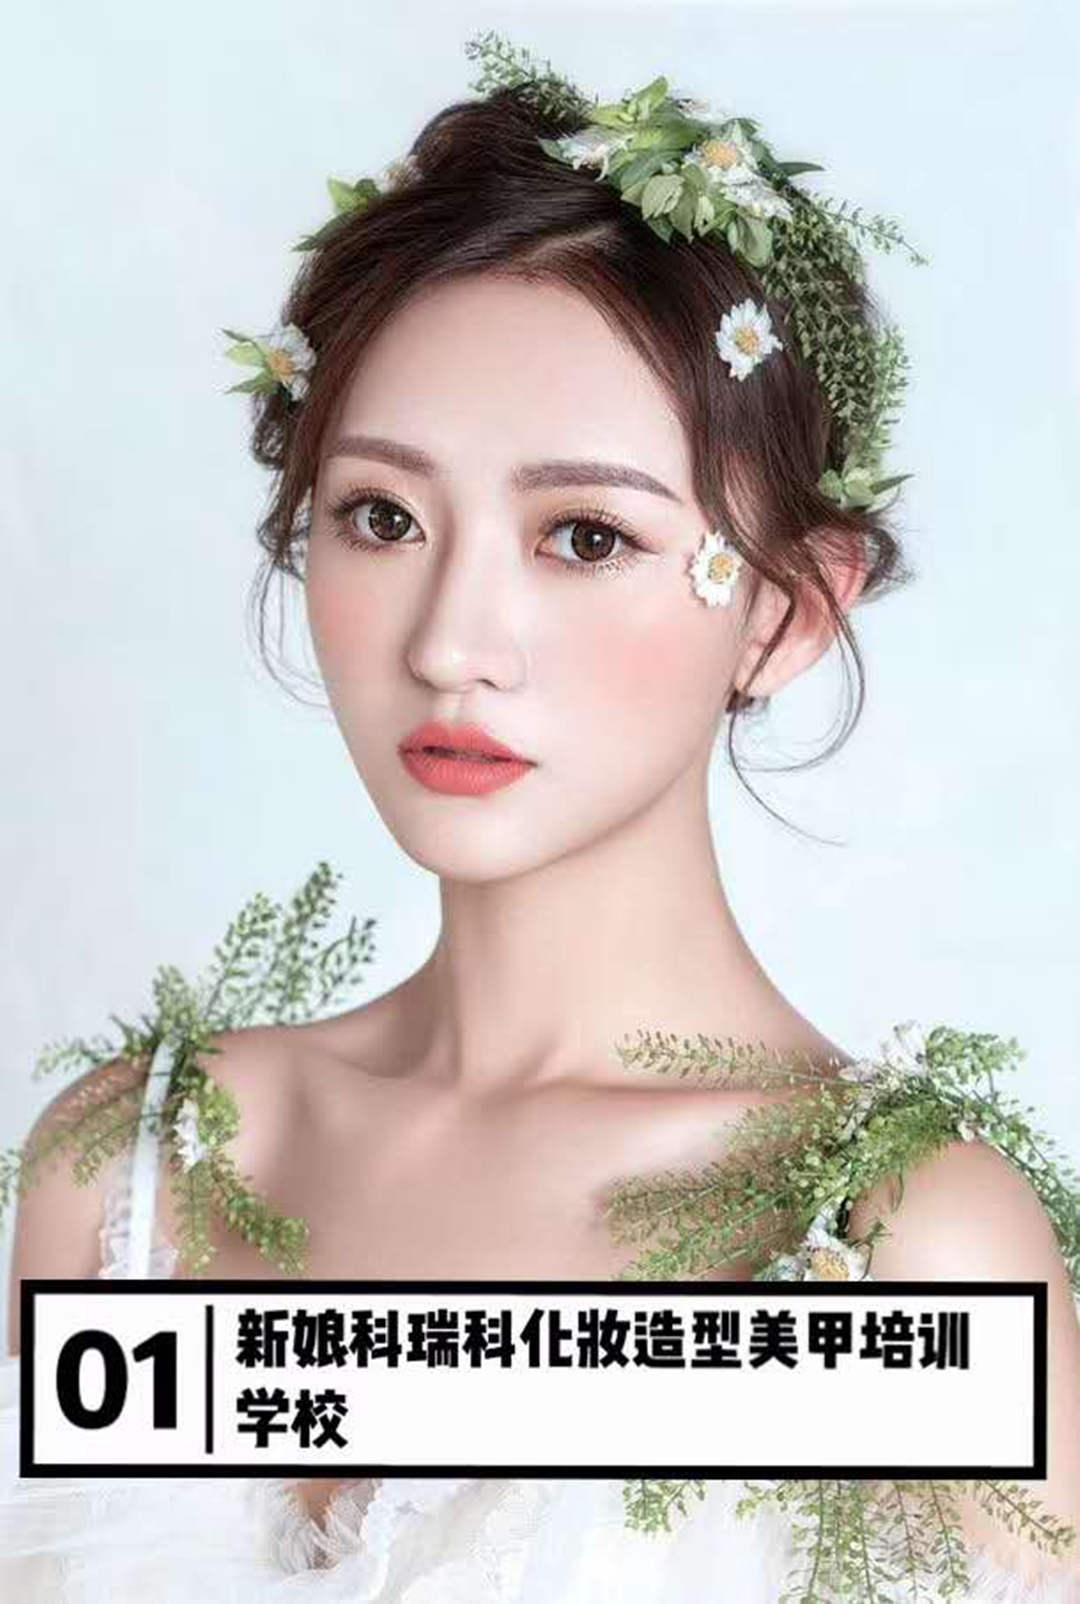 克拉玛依专业化妆培训推荐 新疆科瑞科文化传媒供应